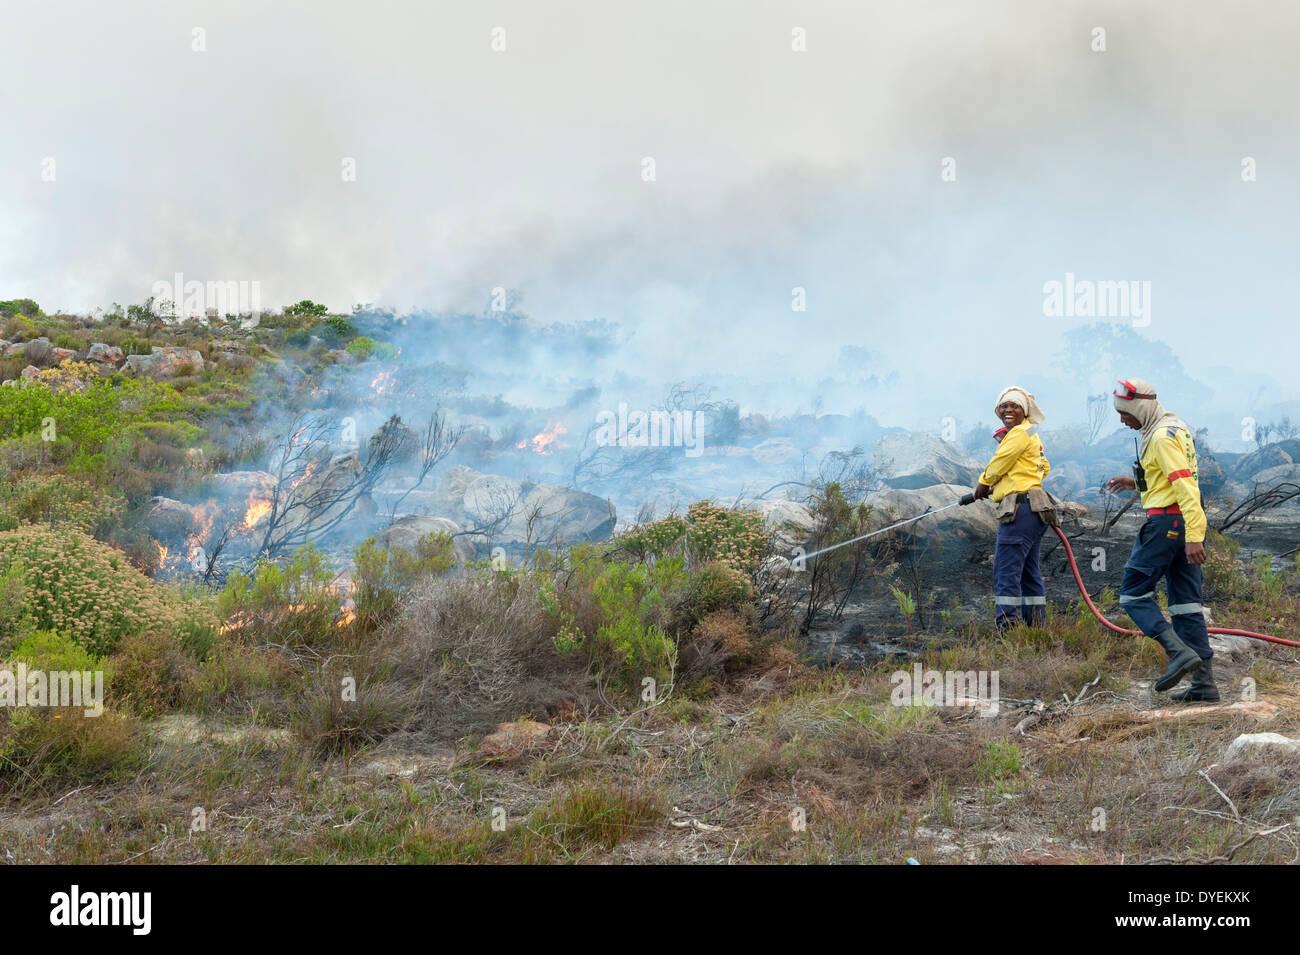 Exercices pompiers brûlage contrôlé de la végétation pour stimuler la nouvelle croissance, péninsule du Cap, Western Cape, Afrique du Sud Photo Stock